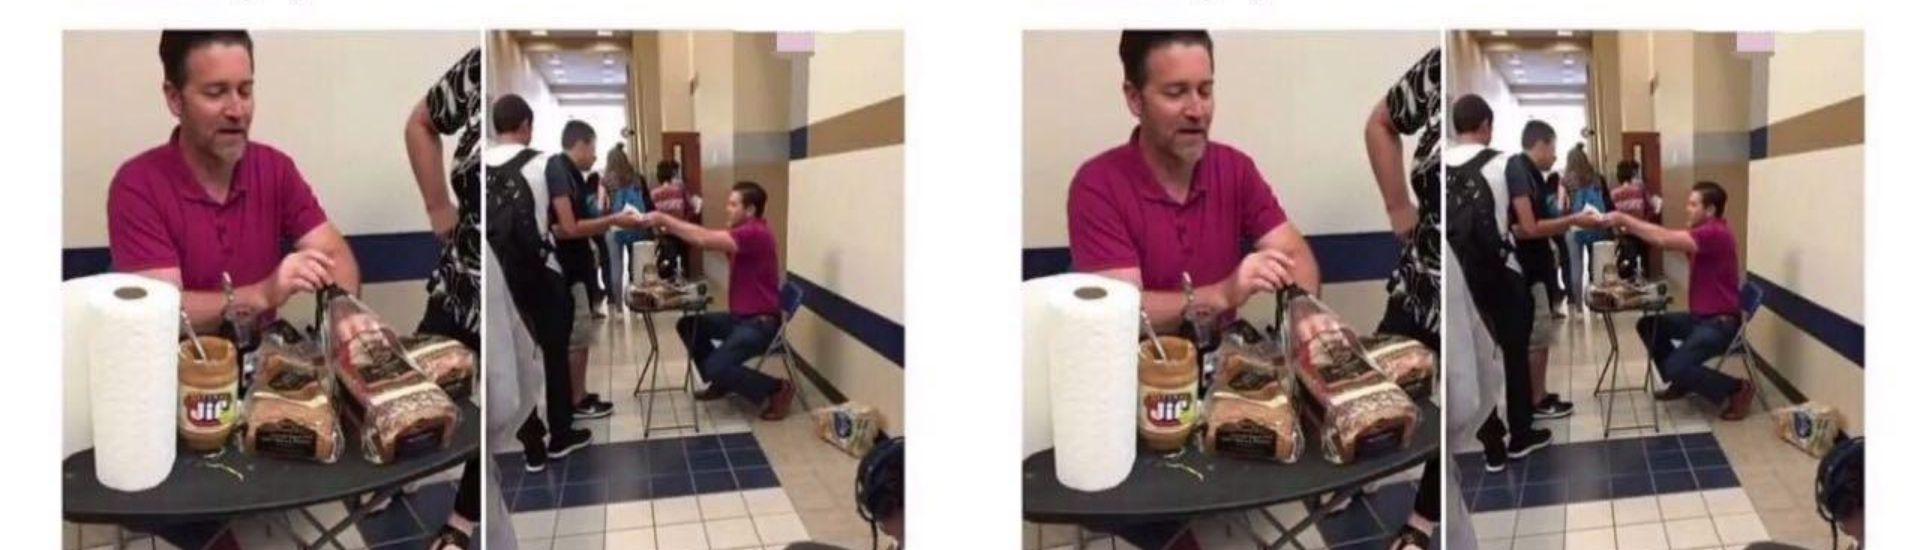 Profesor entregando sandwich a sus estudiantes